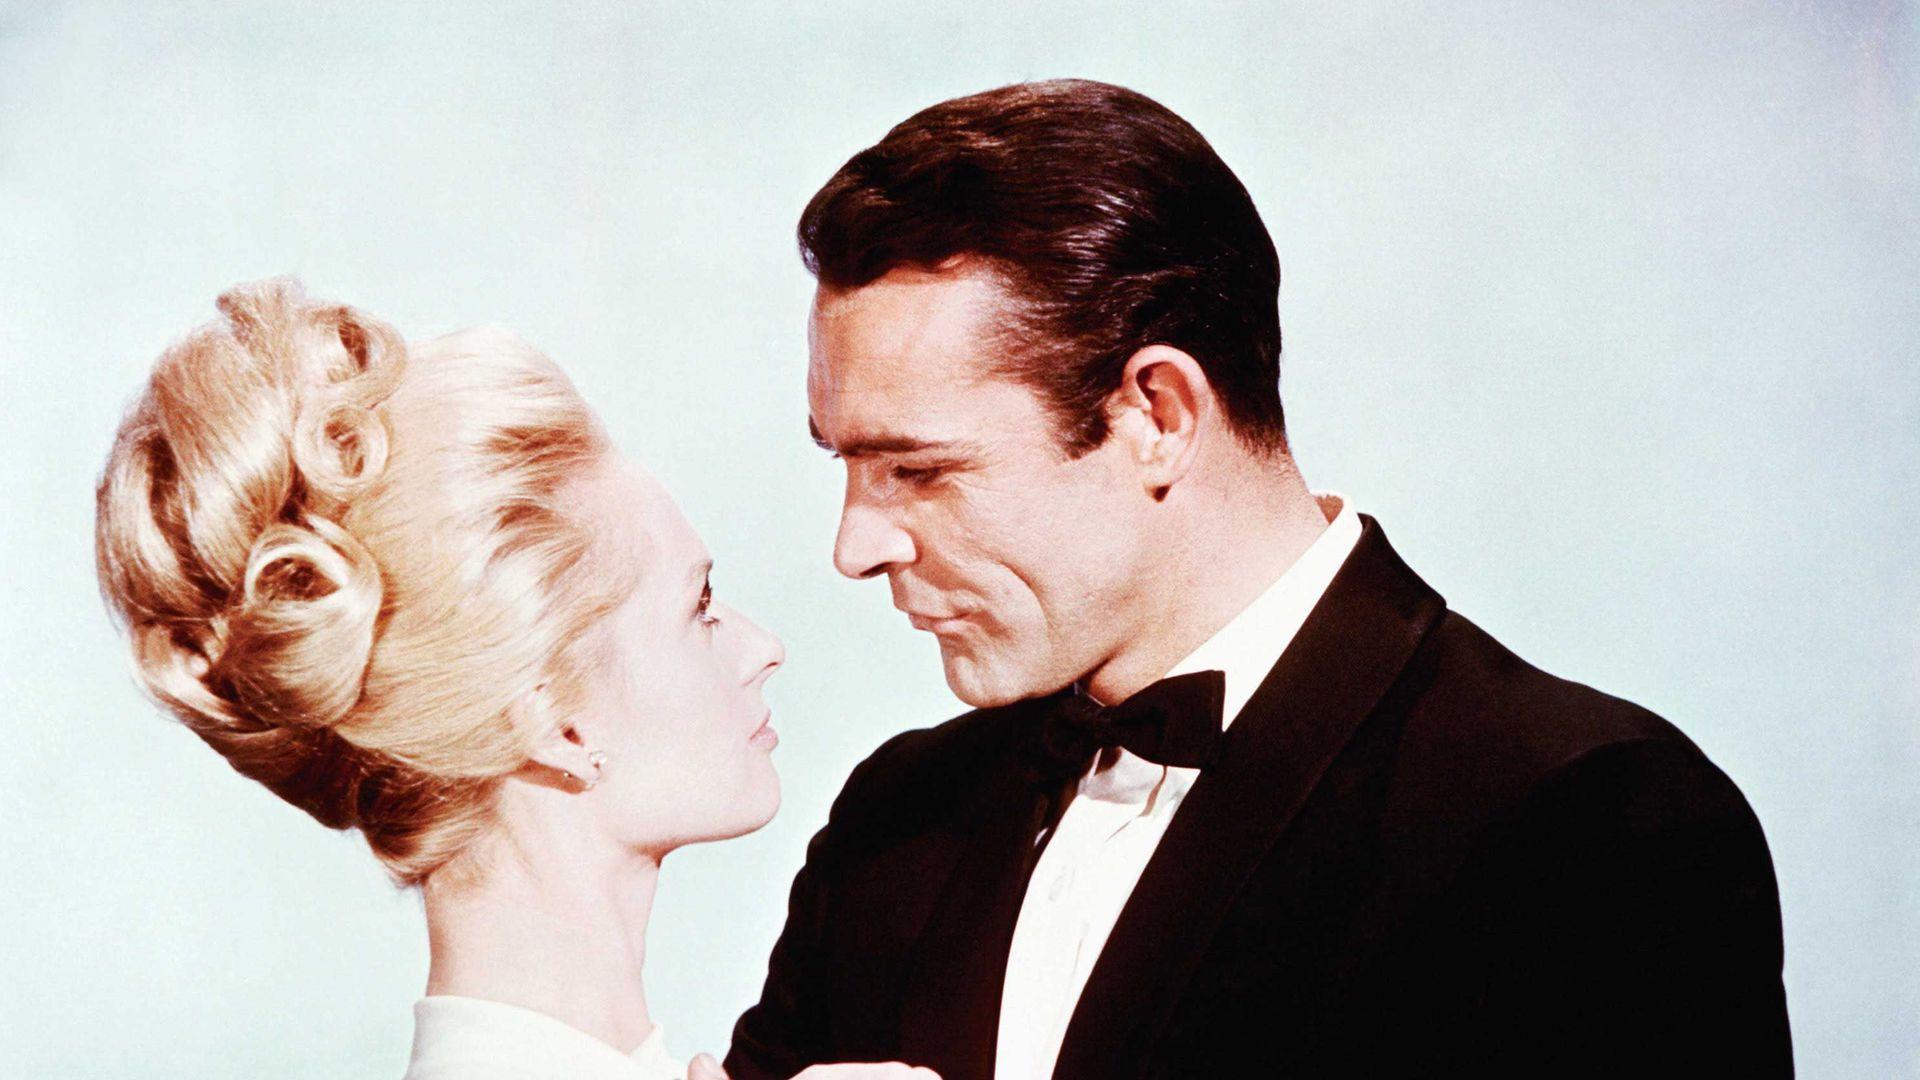 MARNIE, Tippi Hedren, Sean Connery, 1964.